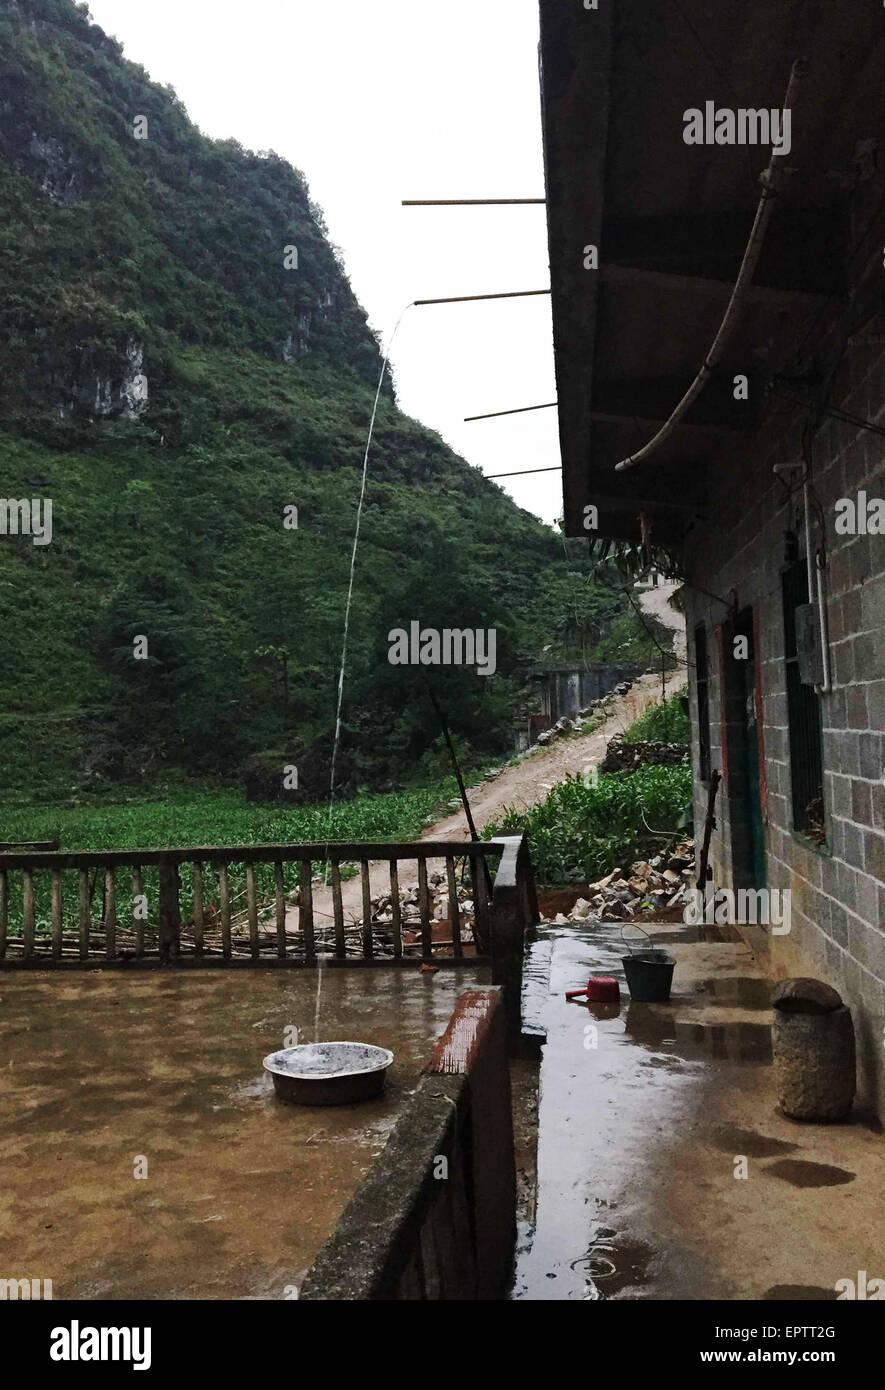 Gesammeltes Regenwasser Stockfotos Gesammeltes Regenwasser Bilder